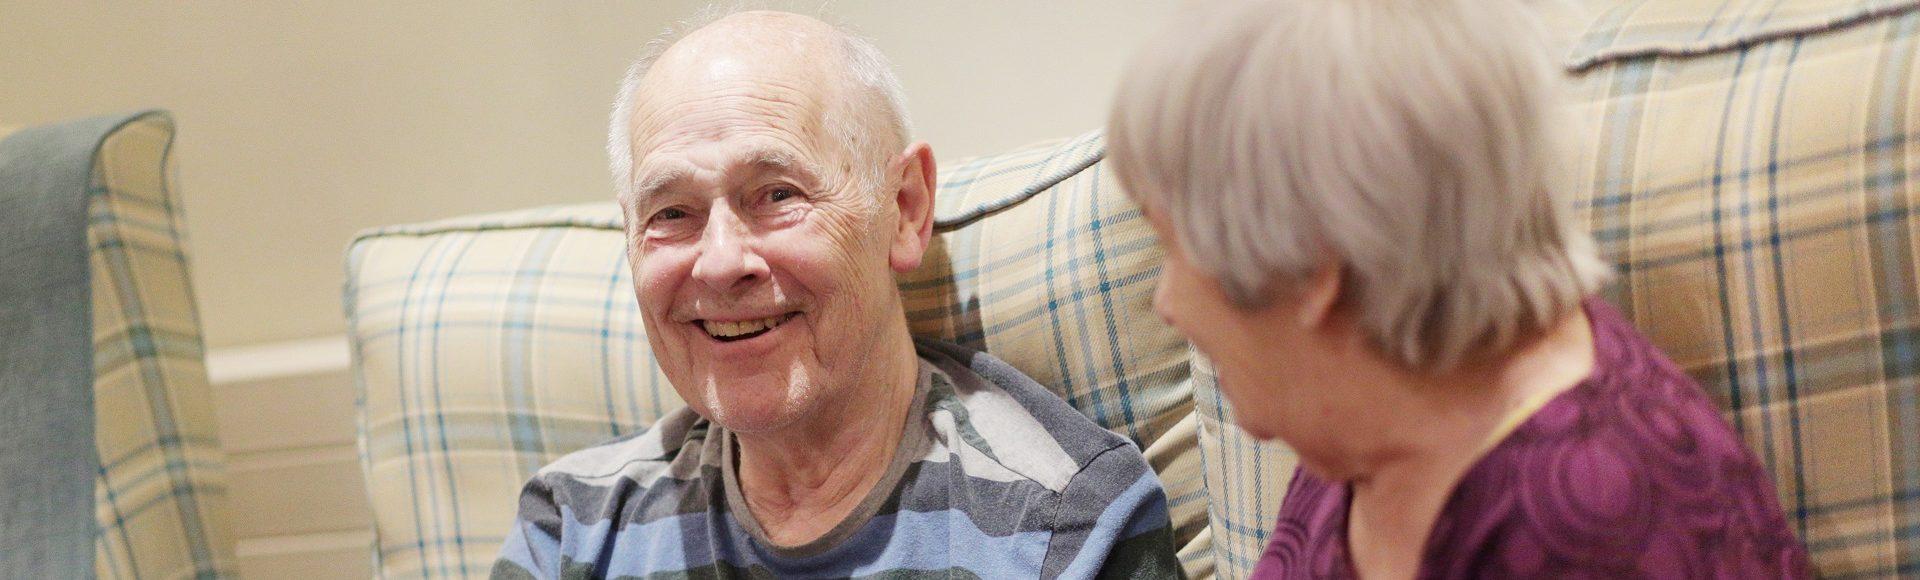 Gloucester House care home in Sevenoaks